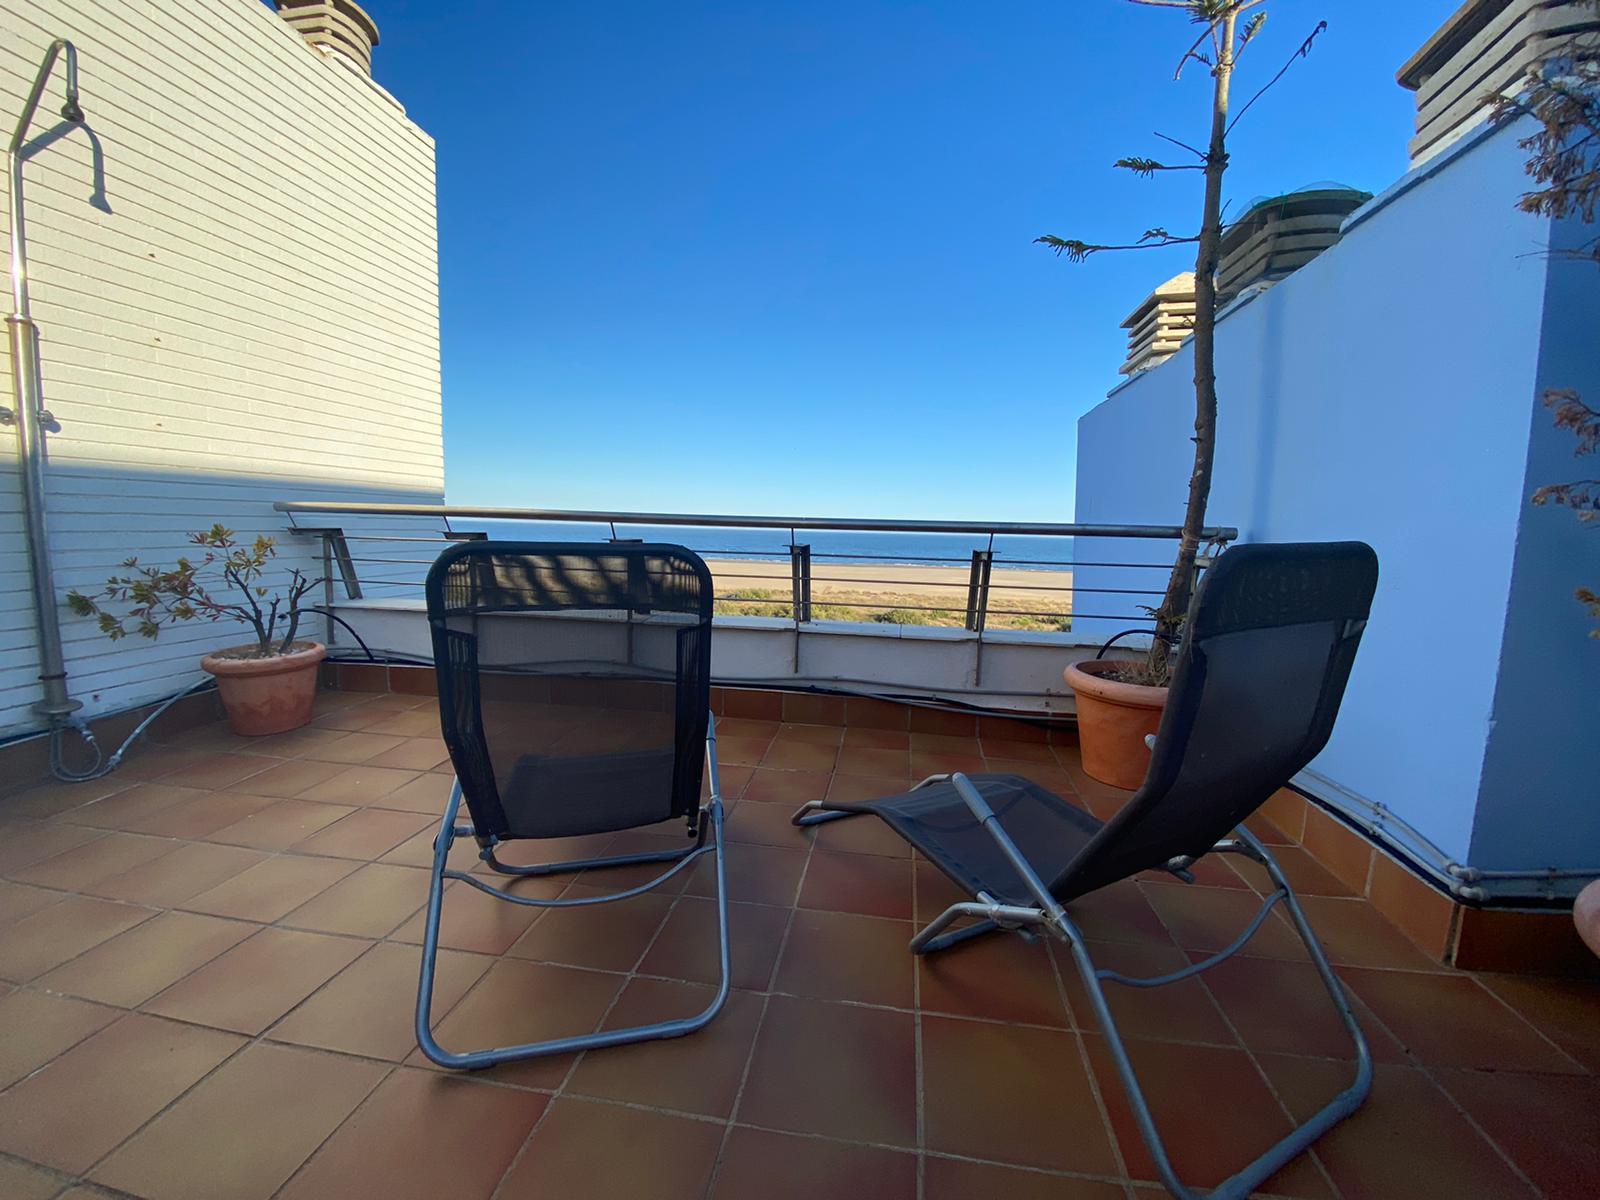 Imagen 50 del Apartamento Turístico, Ático 4 Levante, Frontal (4d+2b), Punta del Moral (HUELVA), Paseo de la Cruz nº22